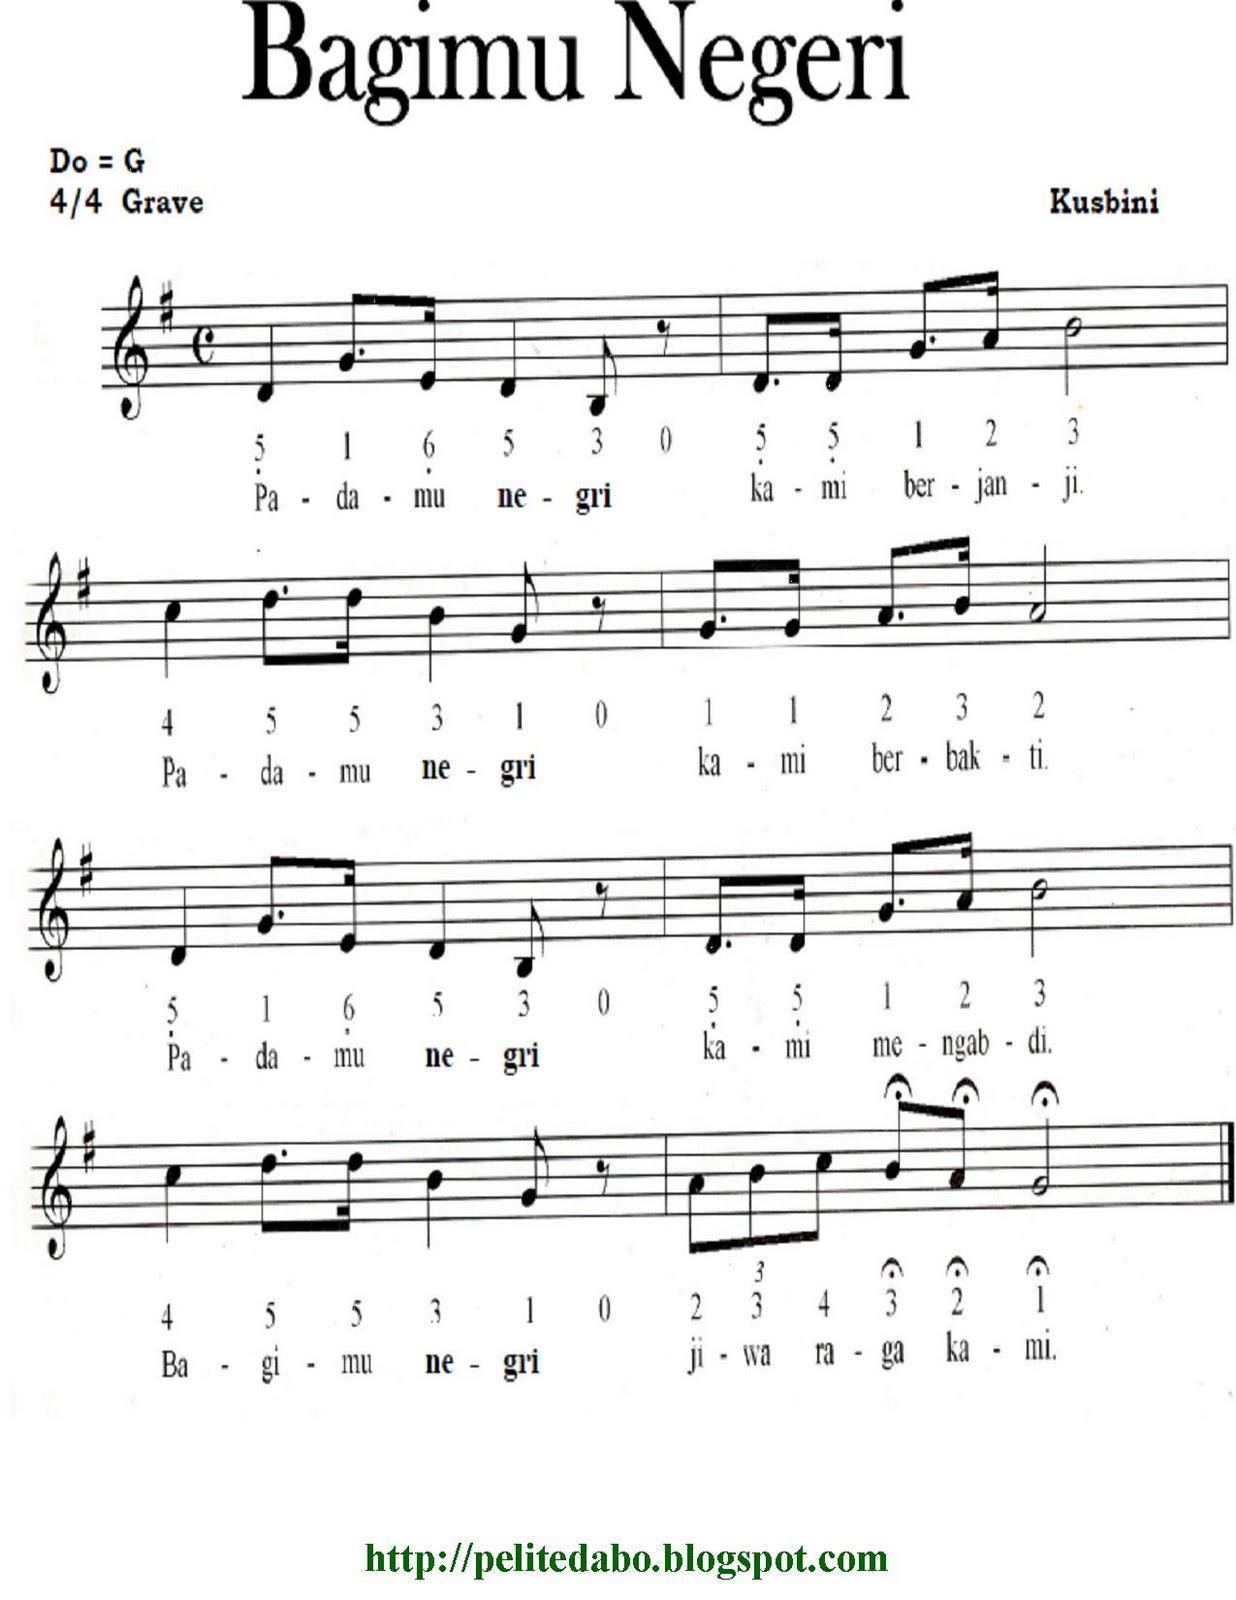 Bagaimana Tempo Lagu Berjudul Bagimu Negeri Brainly Co Id